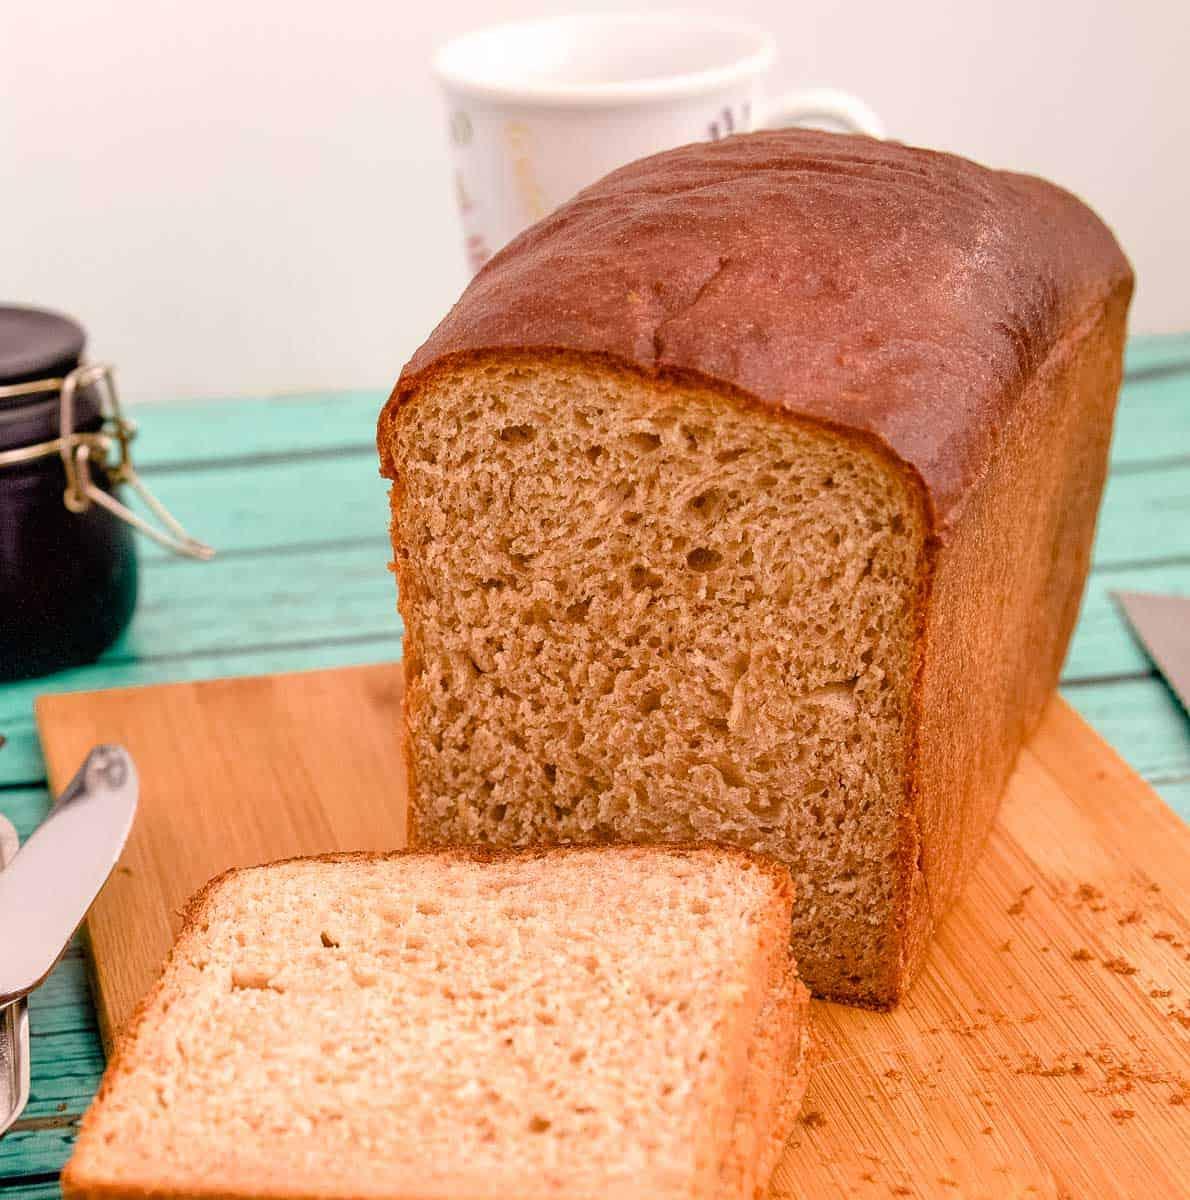 A loaf of sandwich bread on a wooden board.